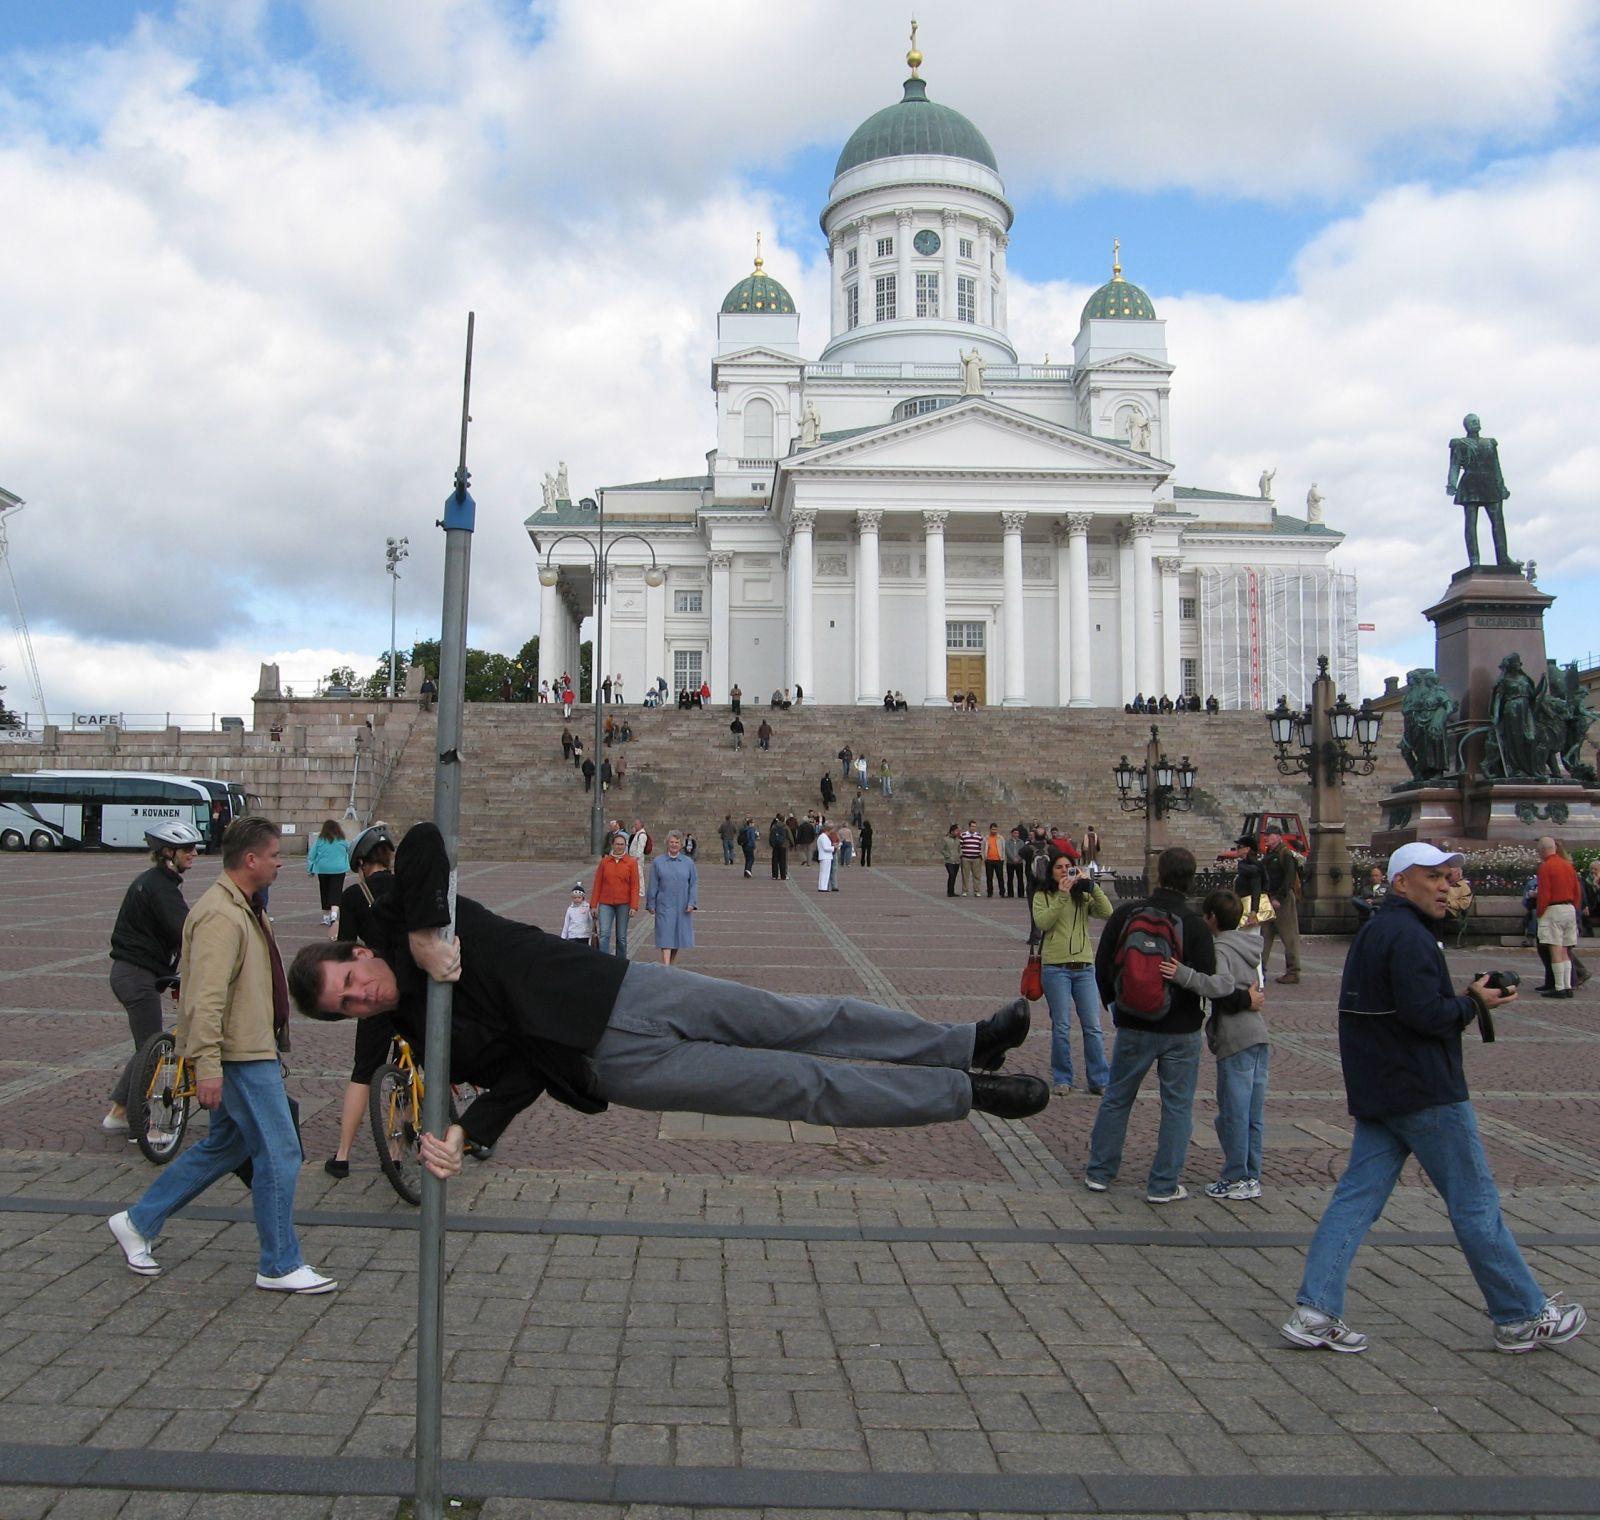 Helsinki - Senate Square